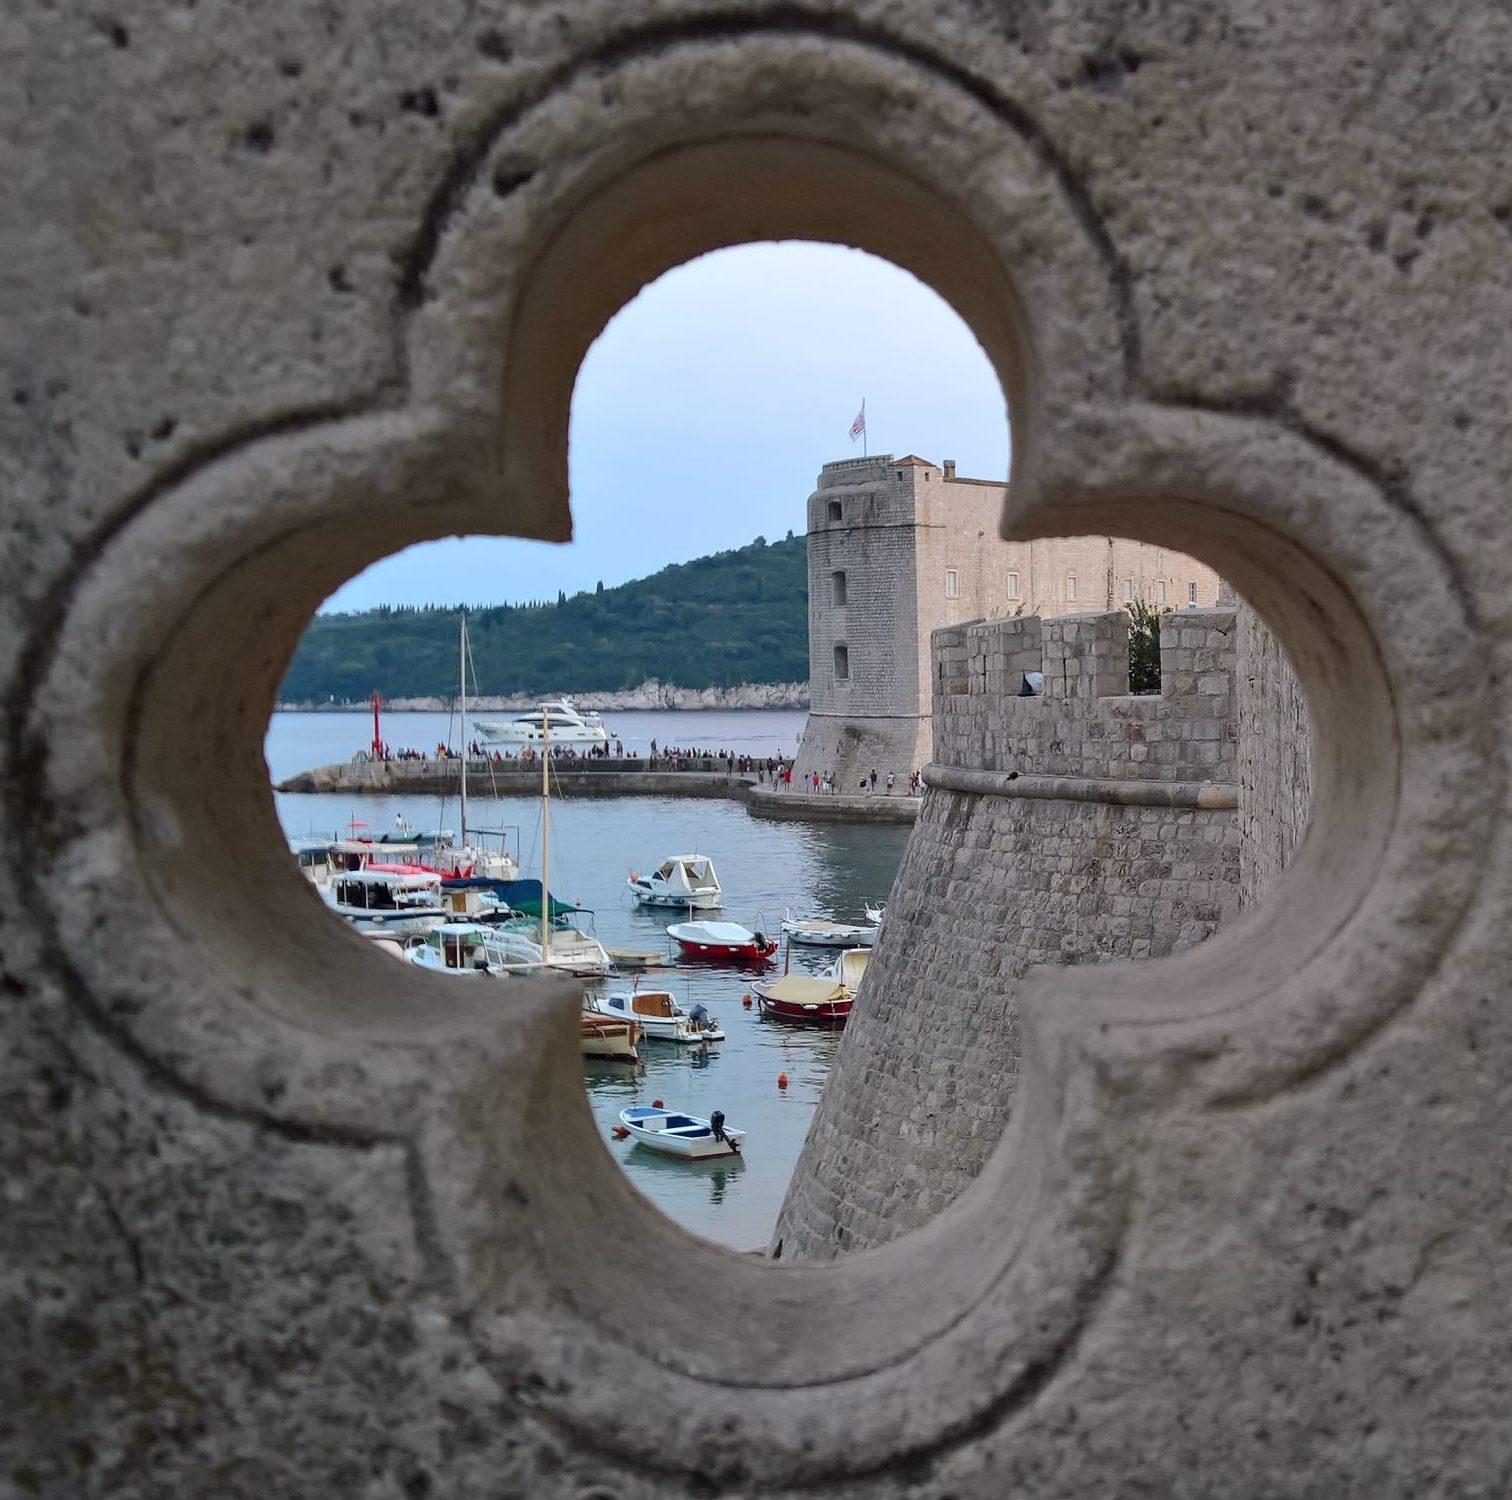 Viaggio a Dubrovnik: ancora un po' di bellezza prima di partire